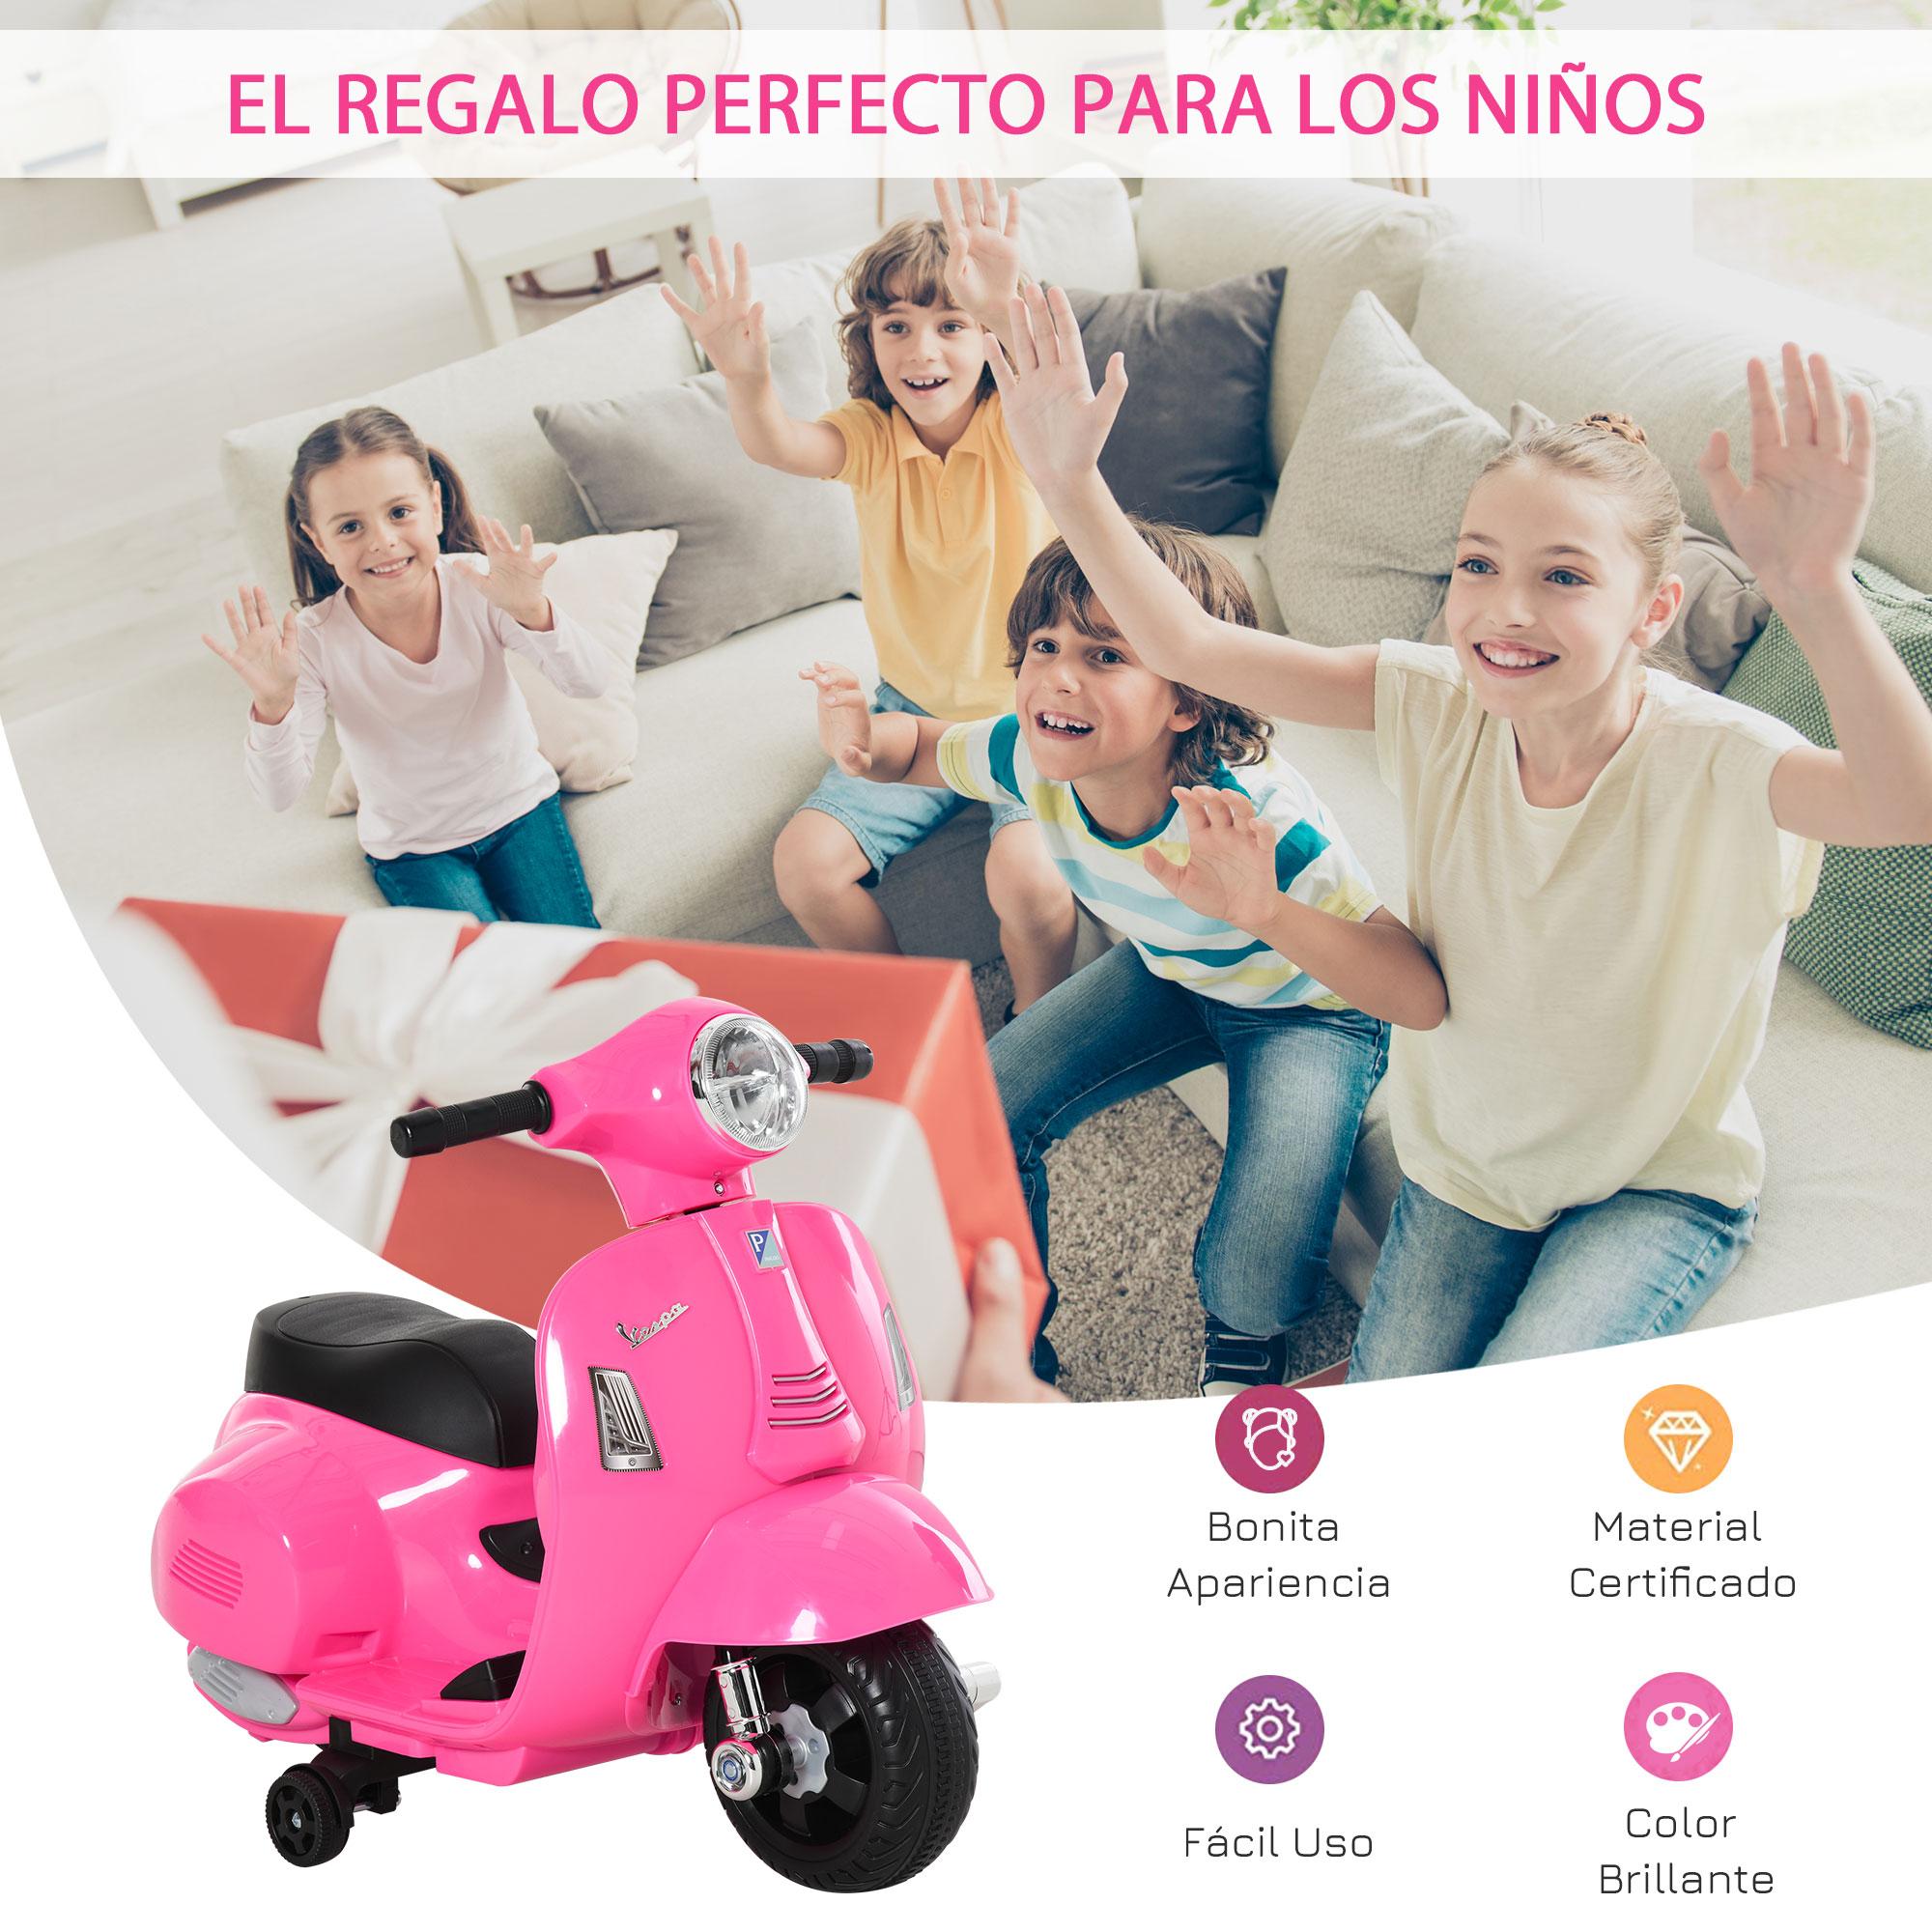 miniatura 10 - Moto Eléctrica Vespa para Niños +18 Meses con Faro Bocina y 4 Ruedas COLOR